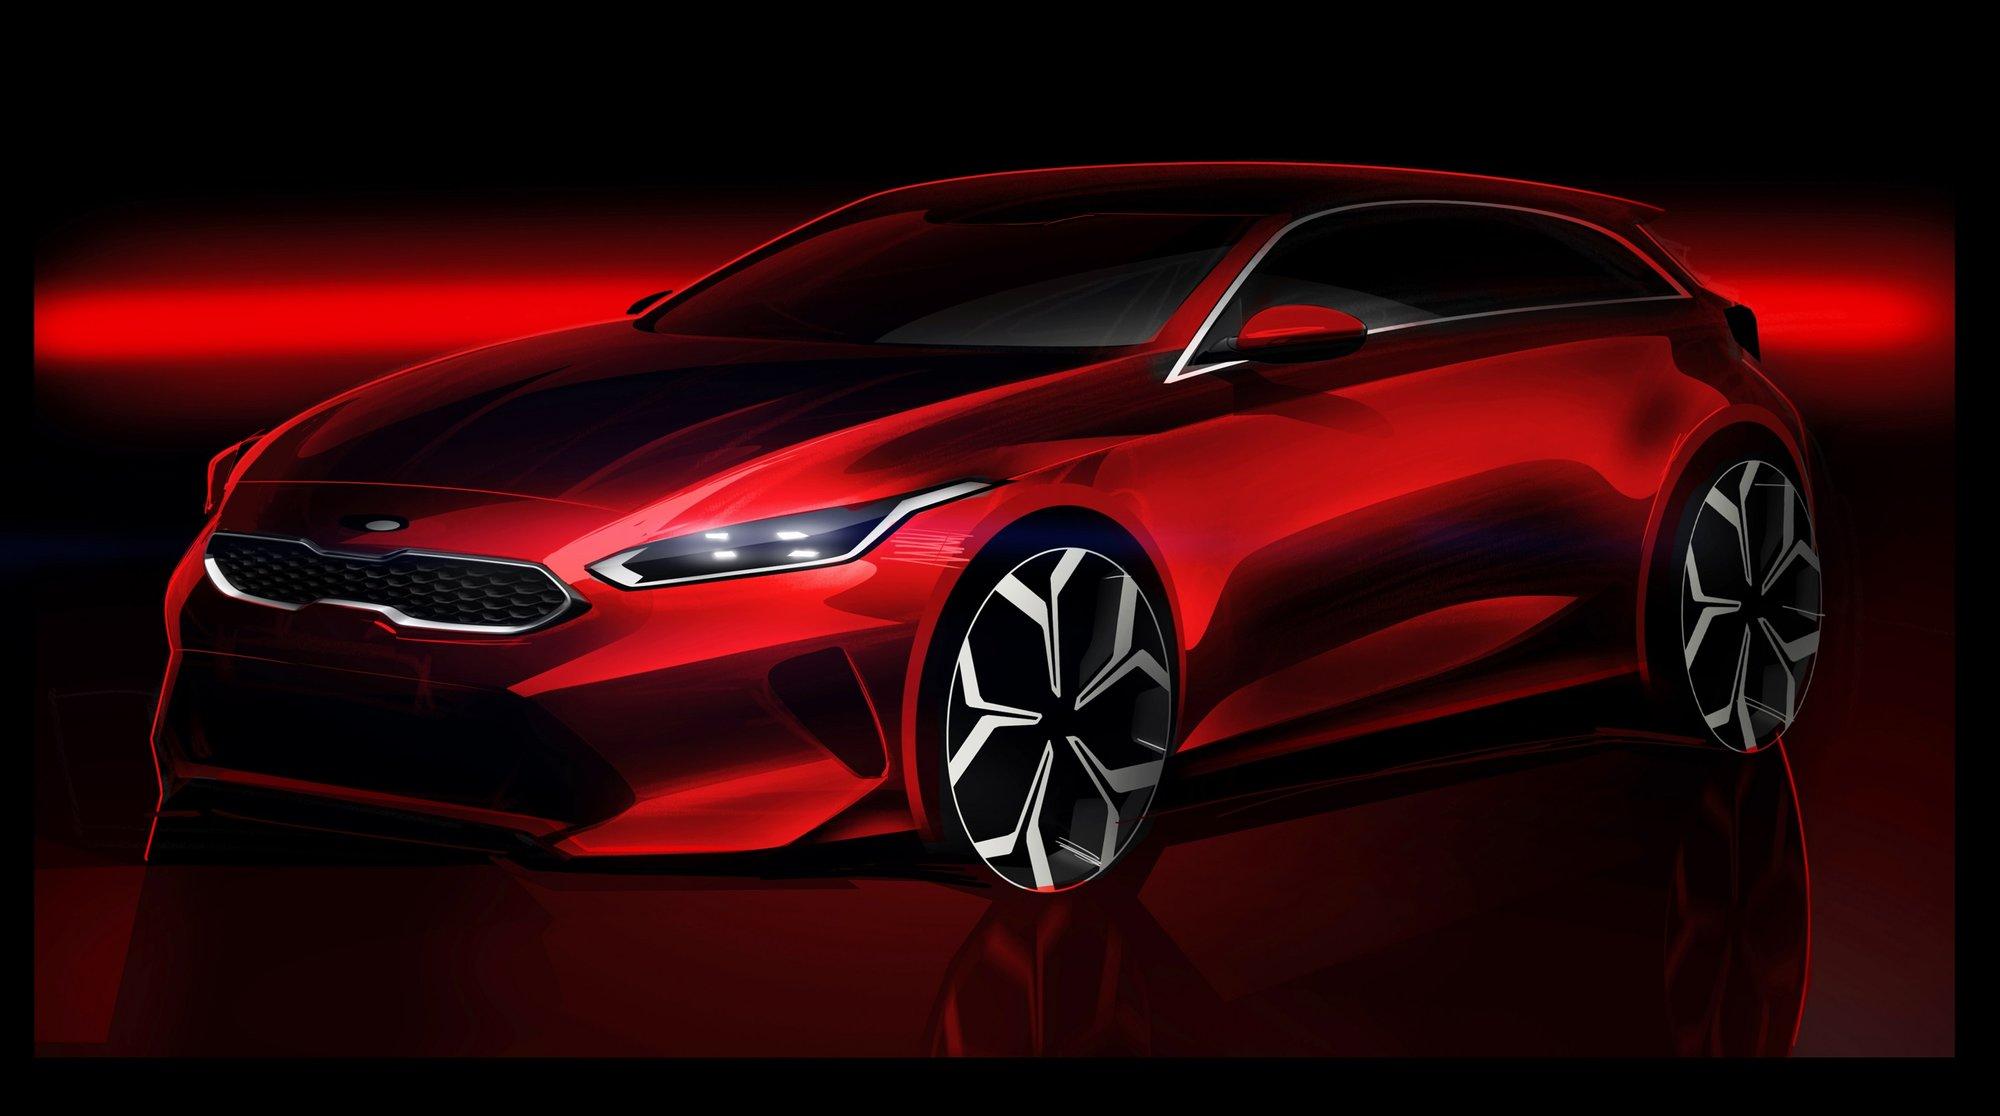 Nová generace modelu Kia Cee'd na prvním snímku